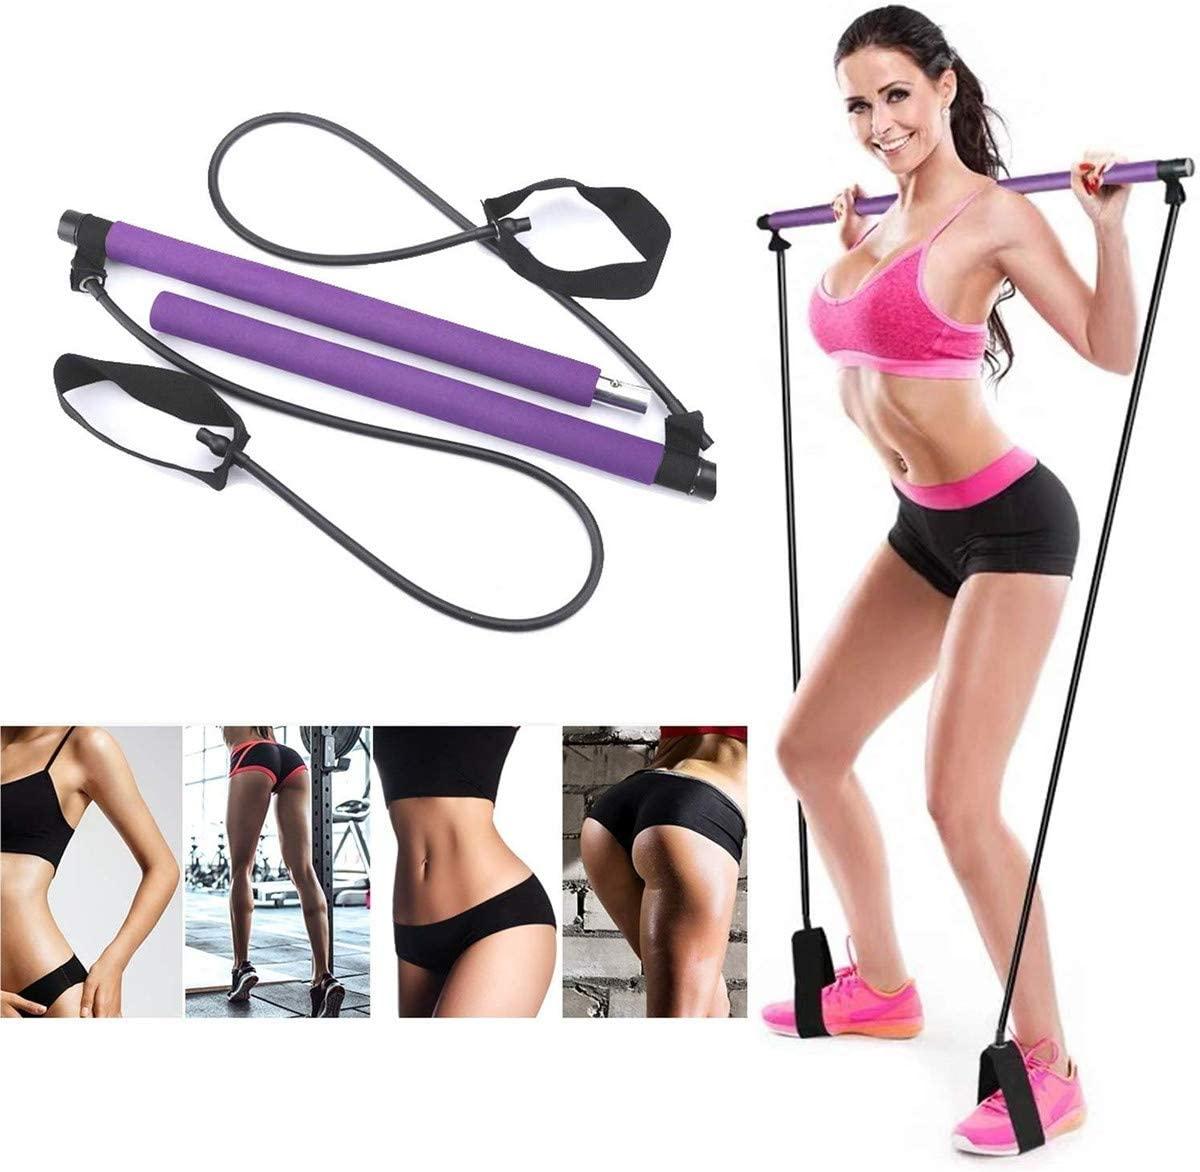 Bande Elastiche Resistenza Elastici Fitness Con 5 Livelli Di Resistenza